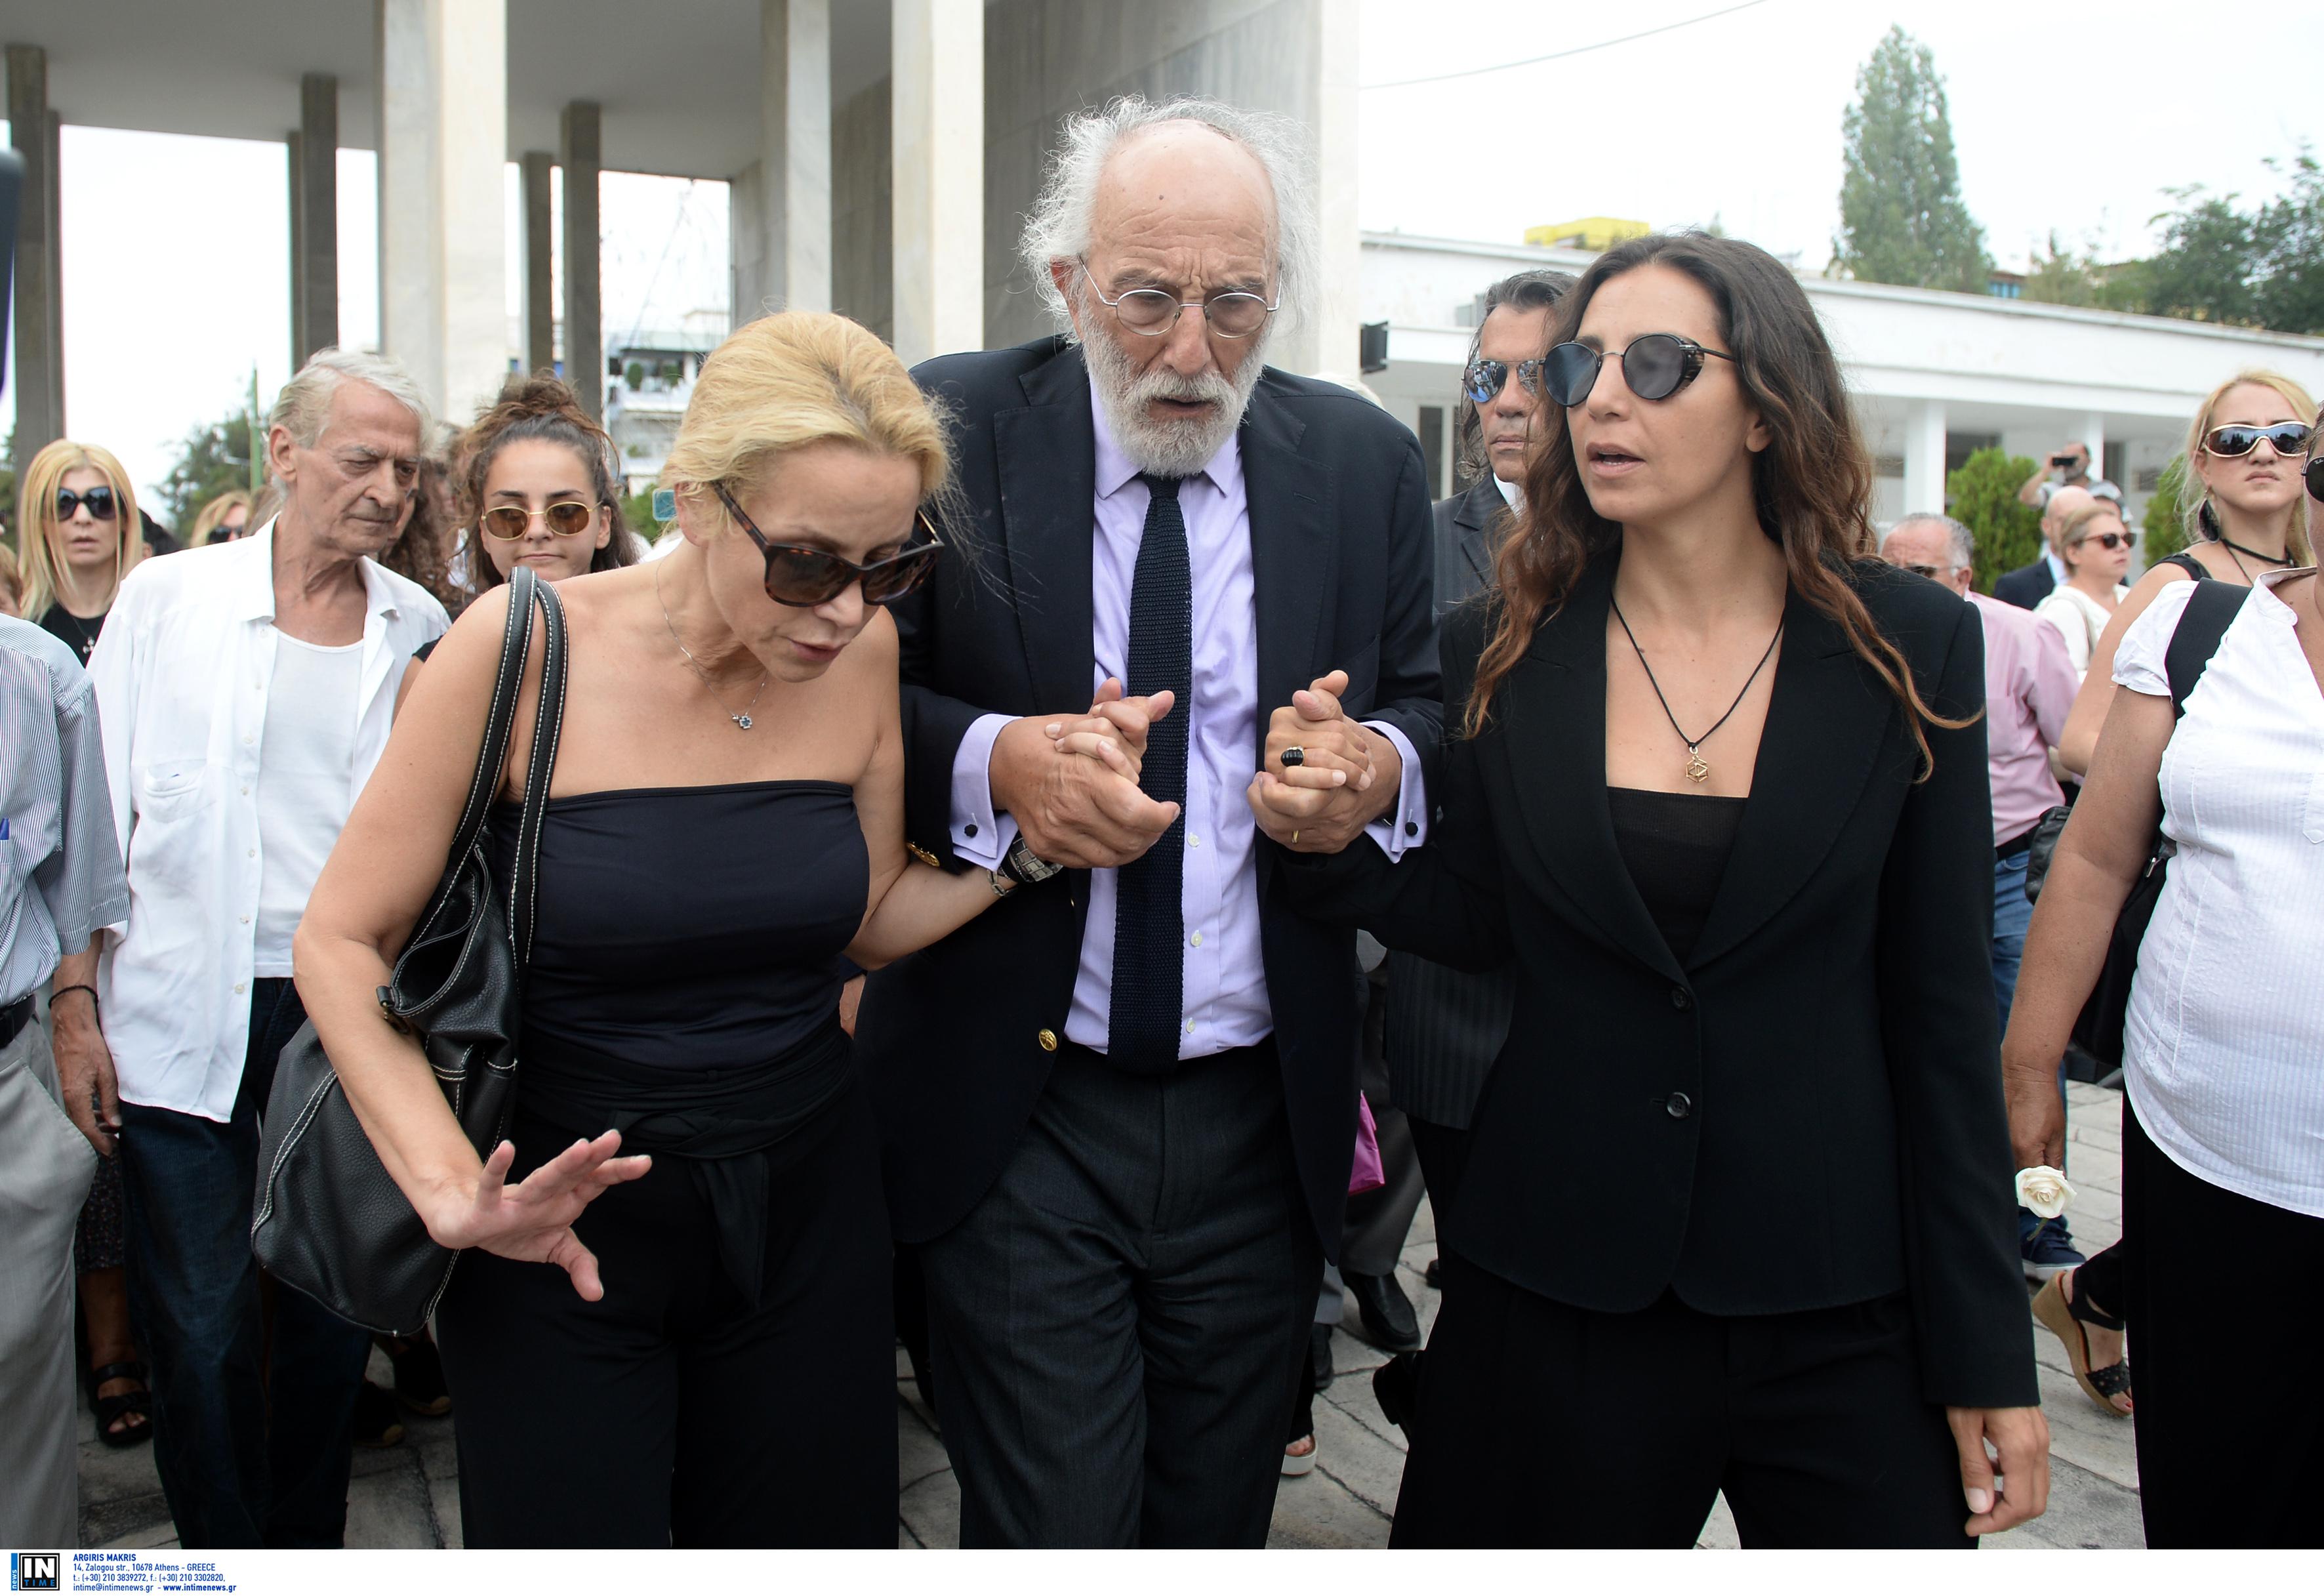 Στα δικαστήρια οι κόρες της Ζωής Λάσκαρη! Αλληλοκατηγορίες για το σπίτι στο Πόρτο Ράφτη